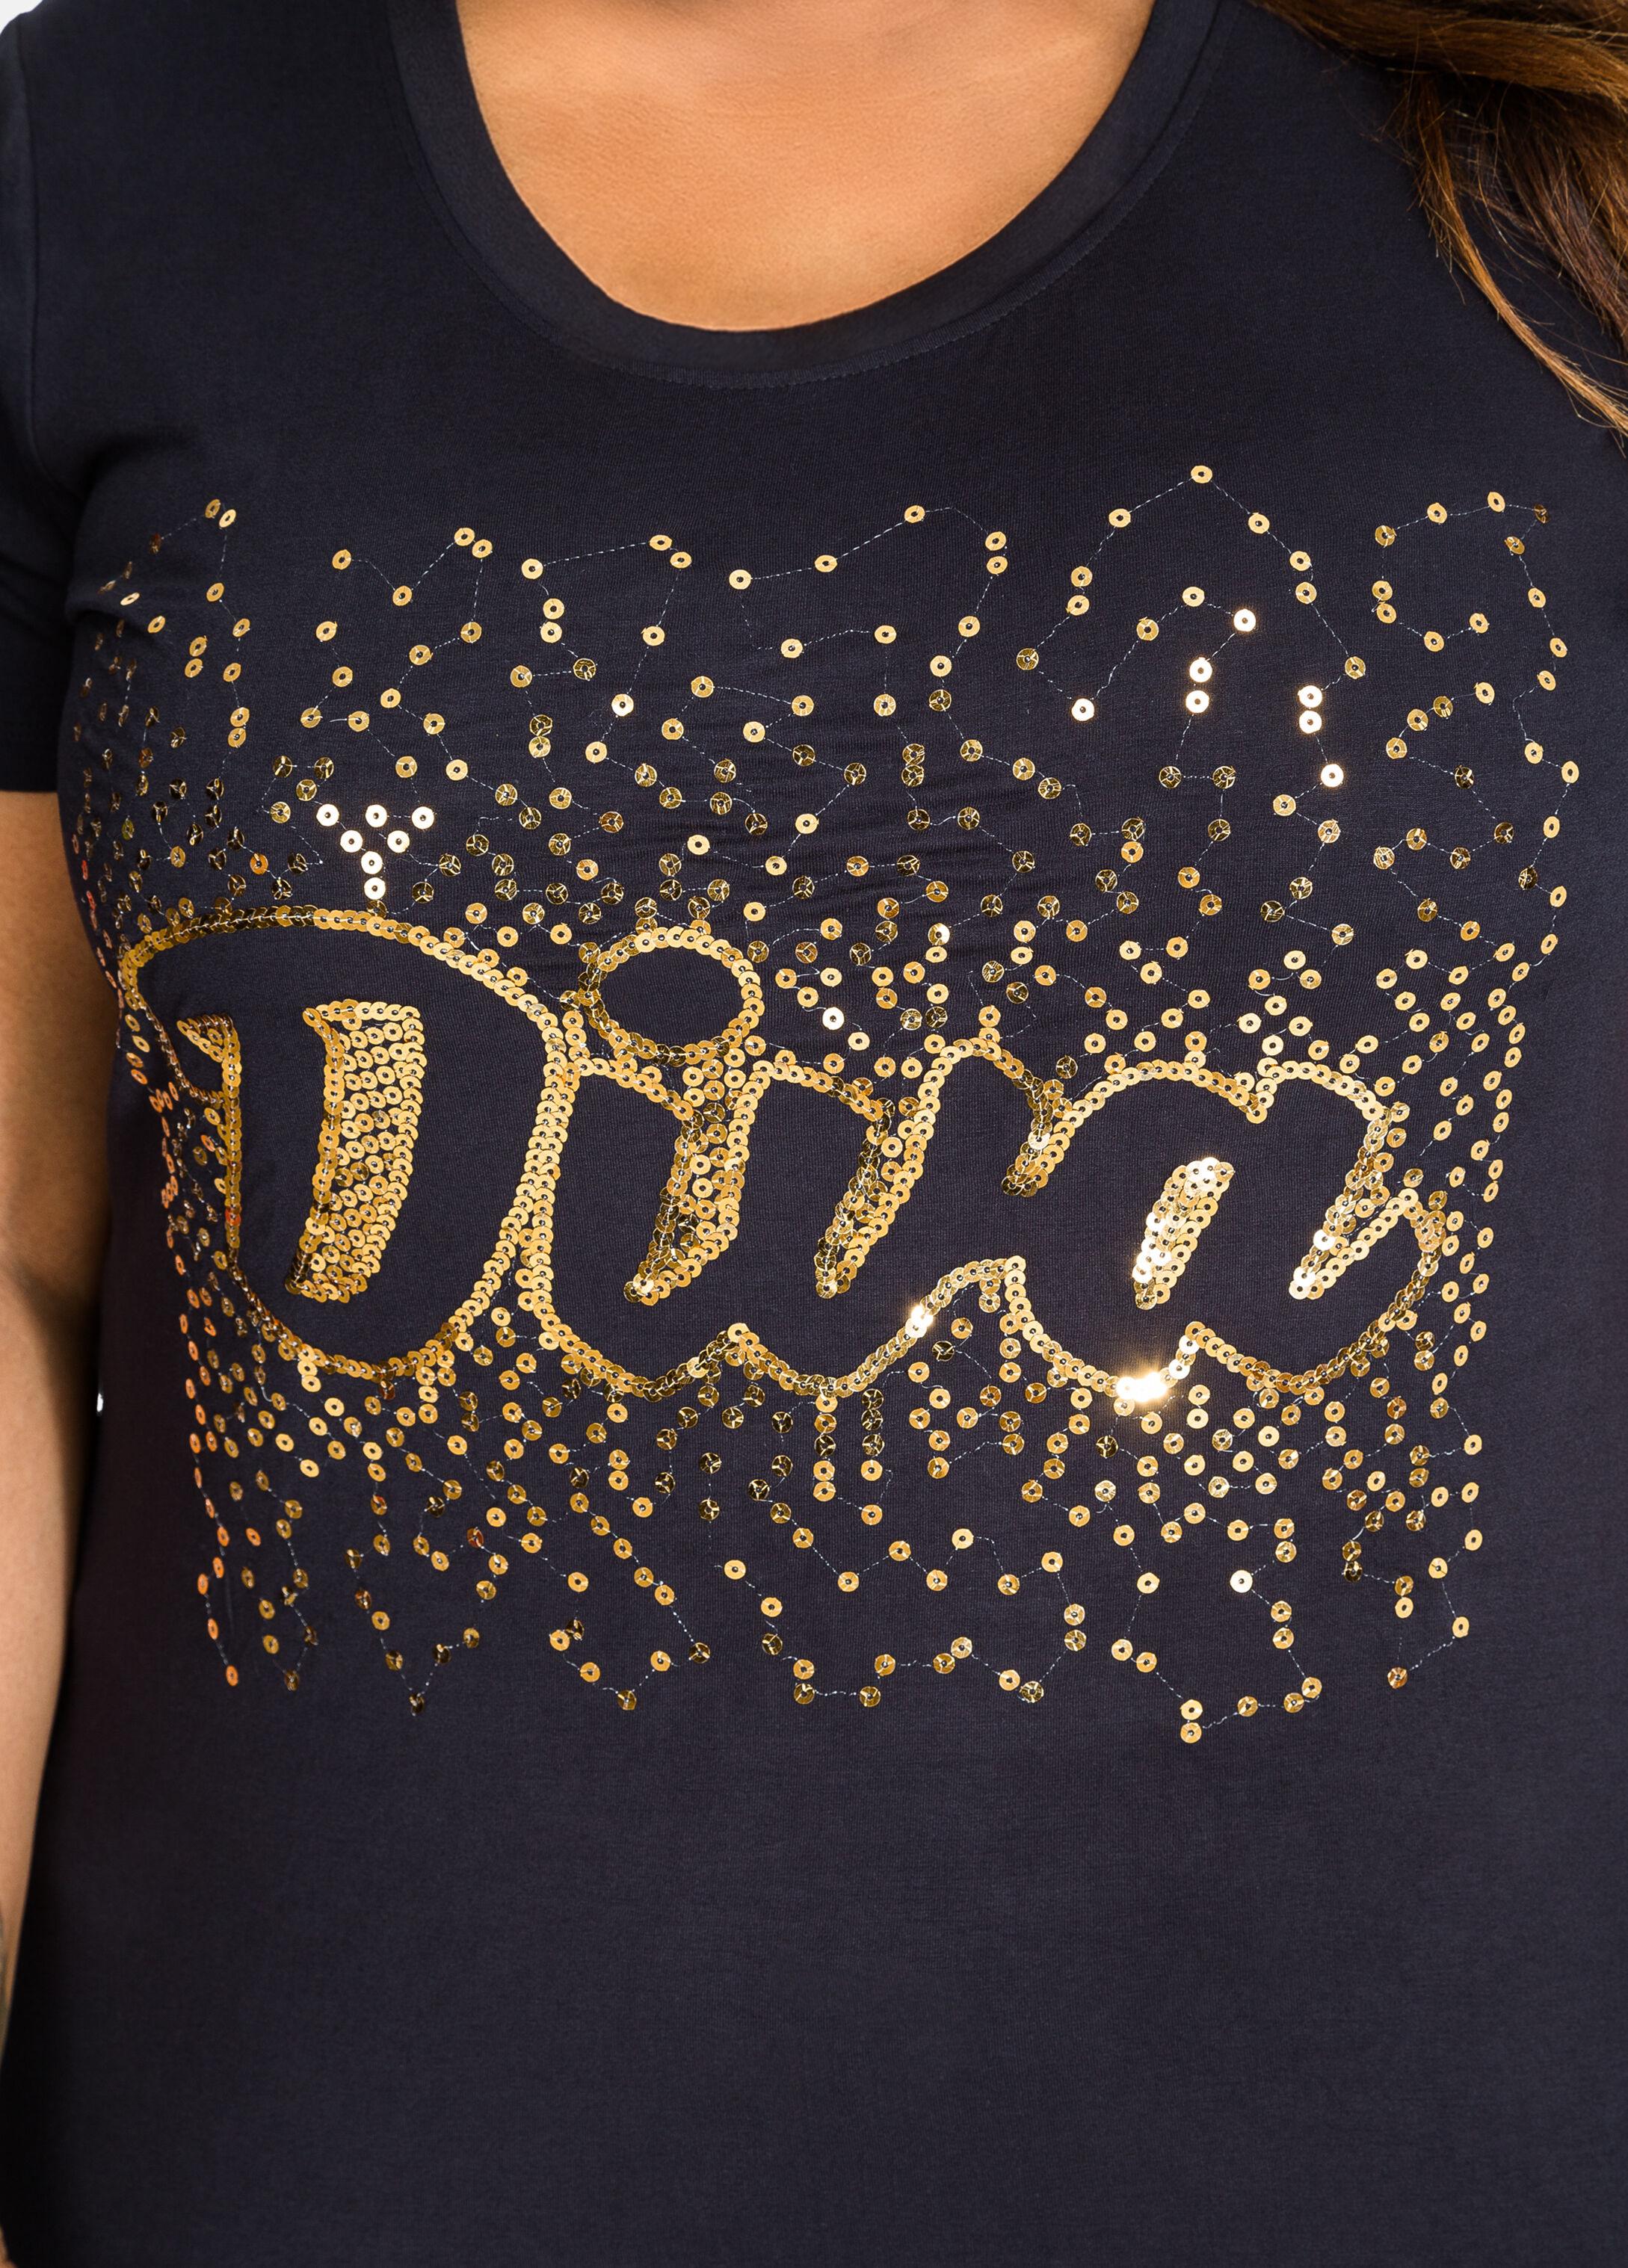 Metallic Sequin Diva Graphic Tee